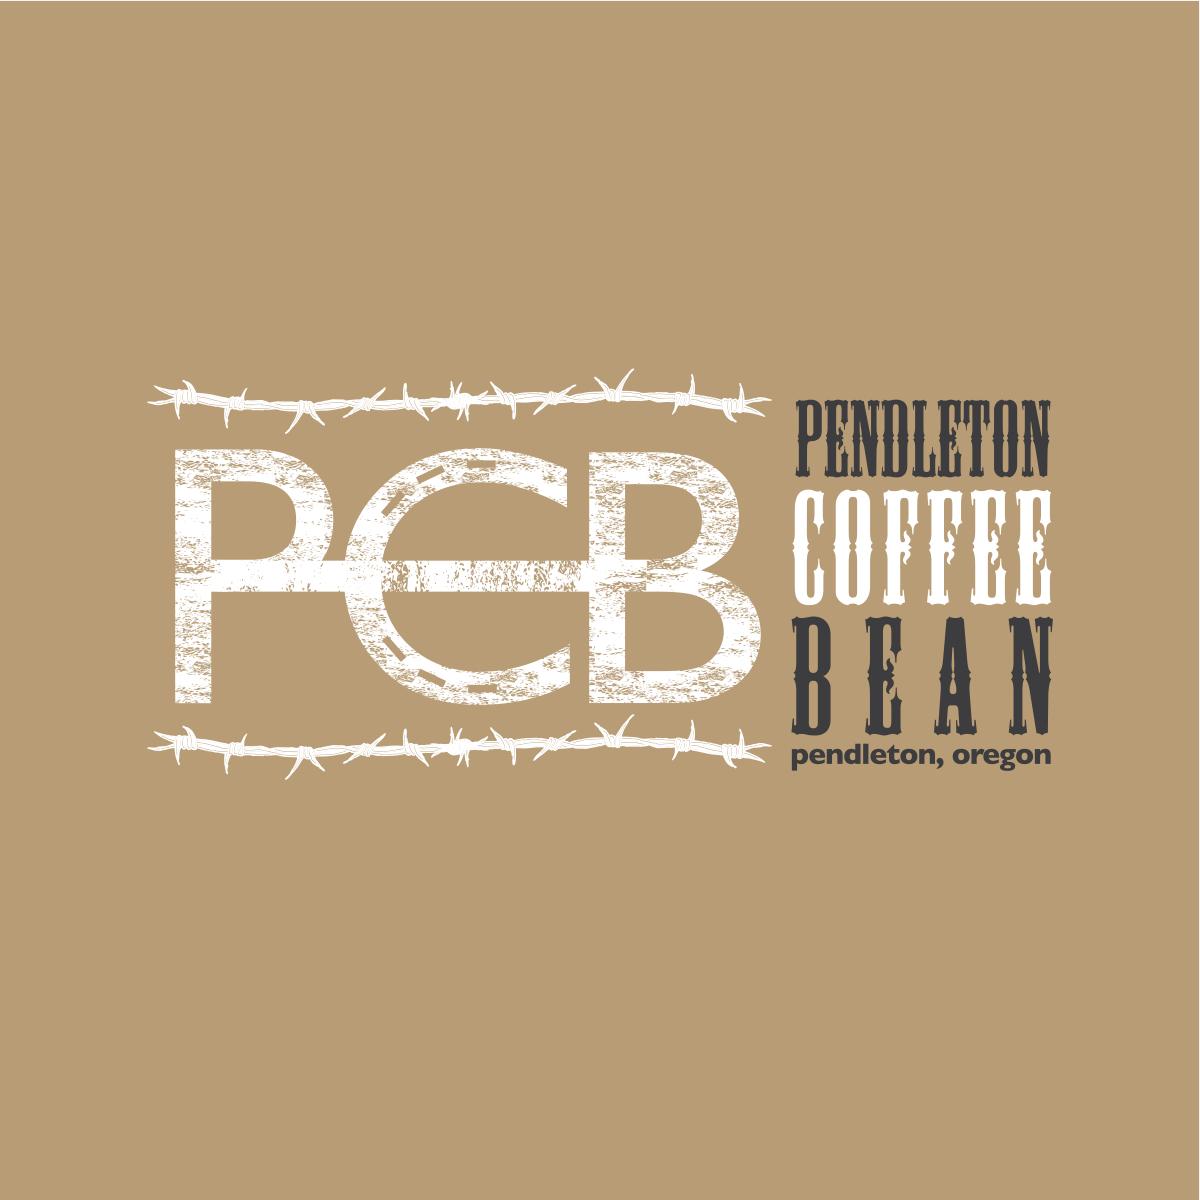 Pendleton Coffee Bean   Logo and package design. Pendleton, Oregon.